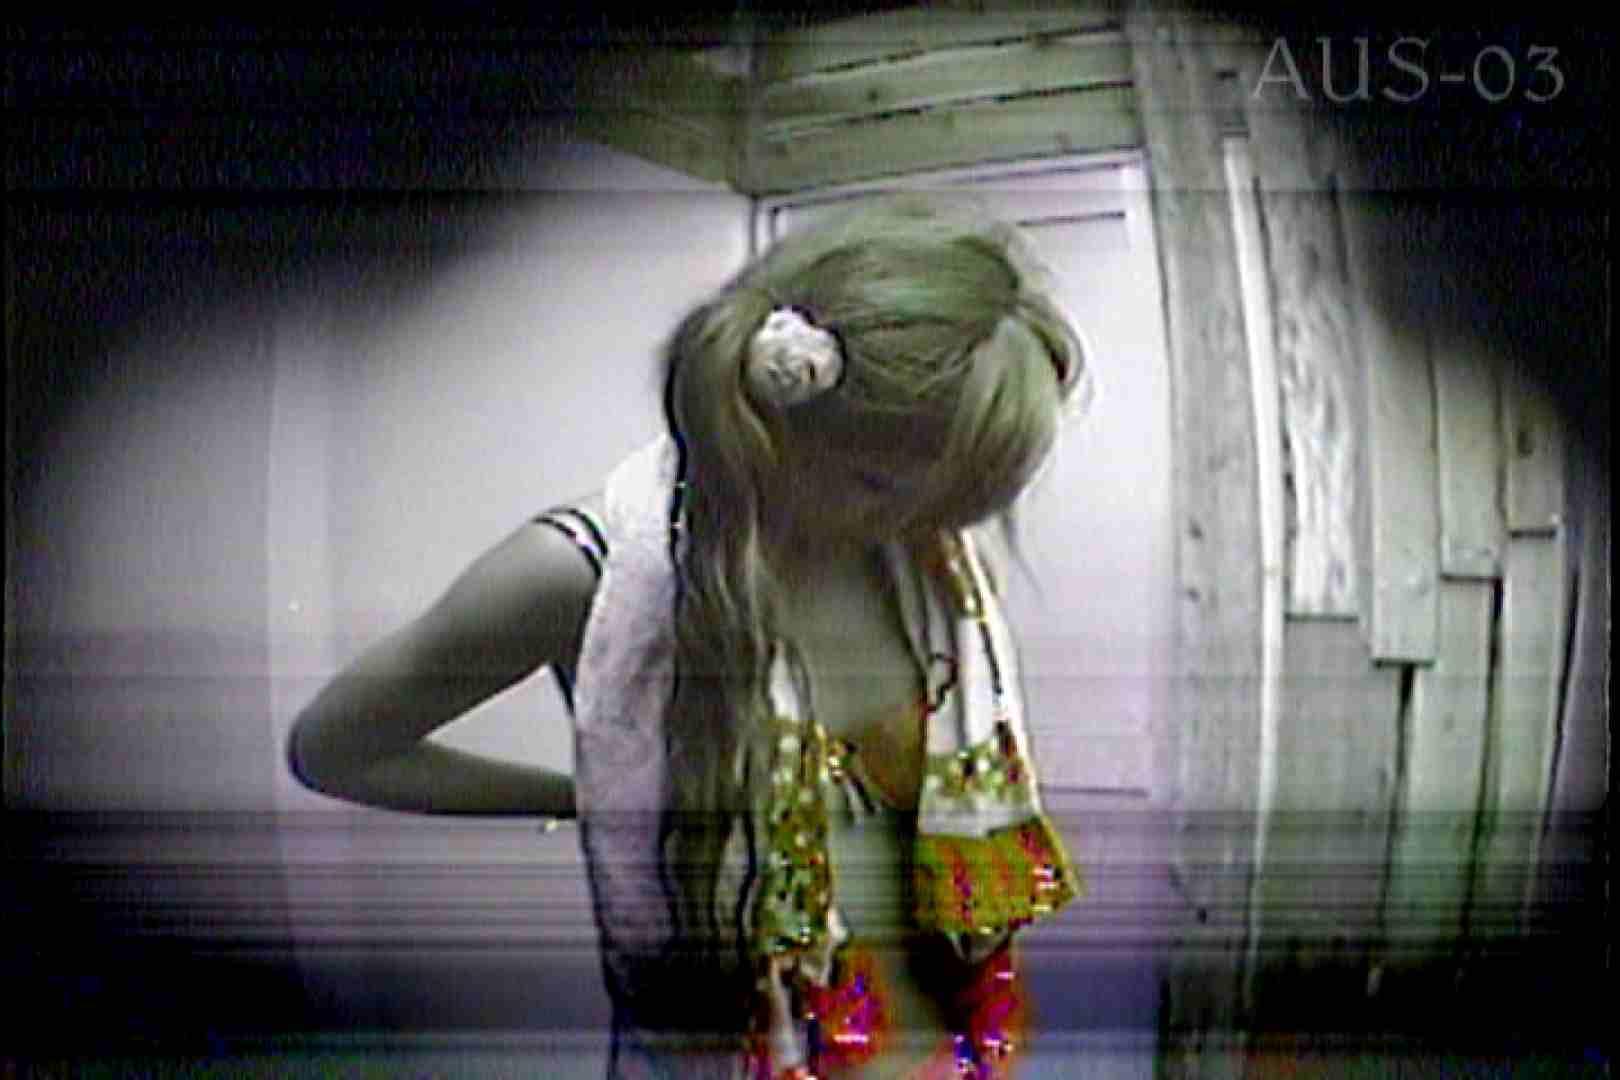 海の家の更衣室 Vol.14 ギャル攻め ワレメ無修正動画無料 91画像 65